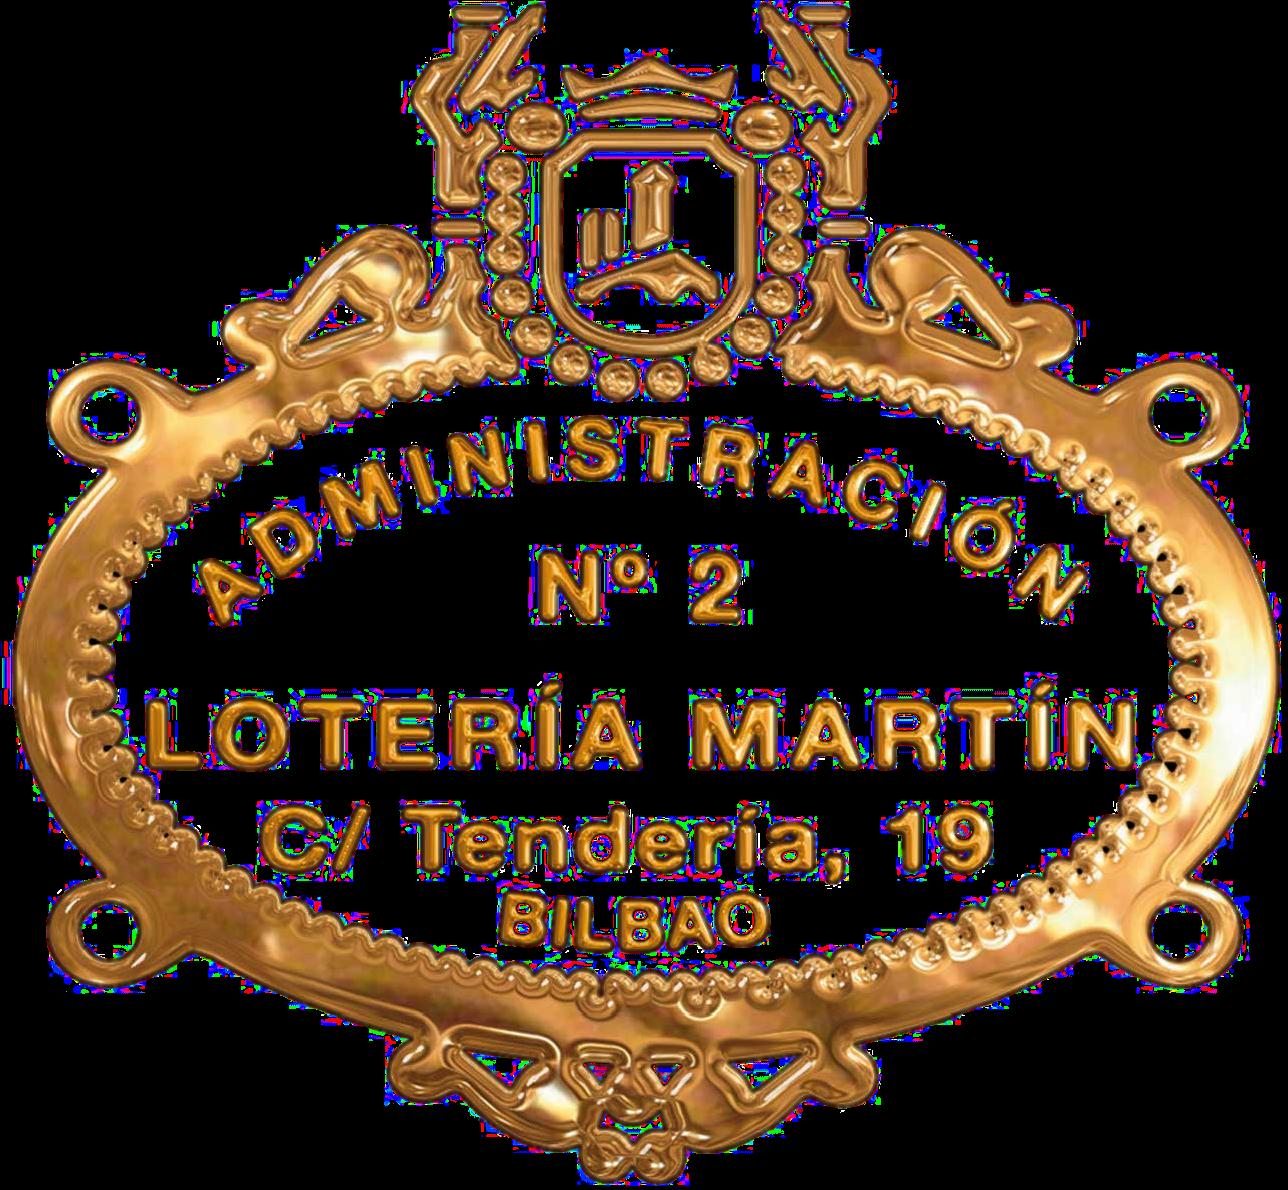 Lotería Martín